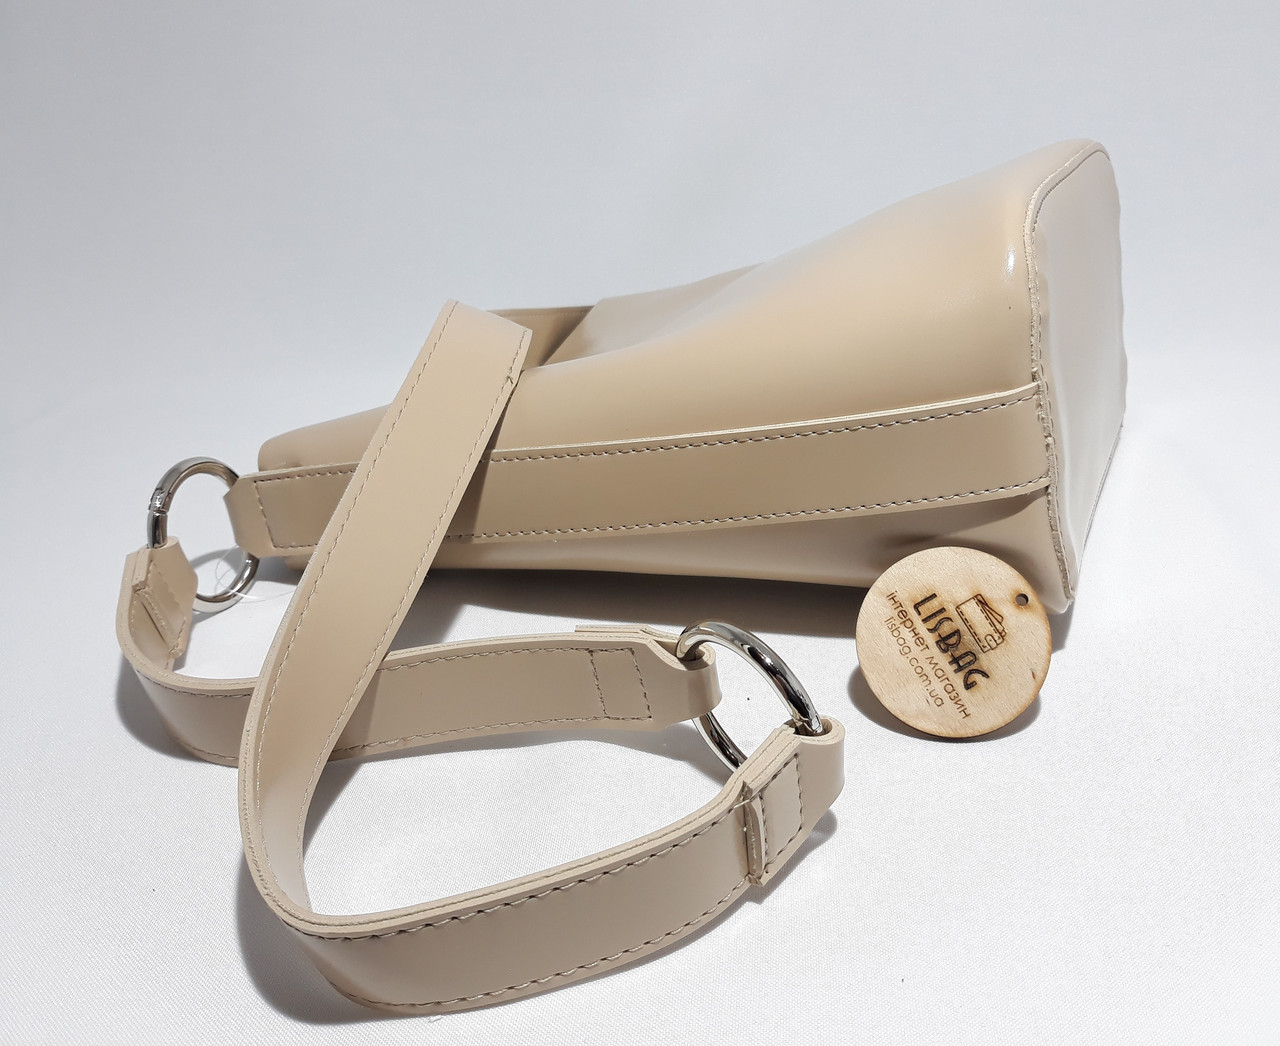 ca7f7af7623b ... Женская вместительная сумка мешок на плече новинка, гладкая на ощупь  бежевая, ...